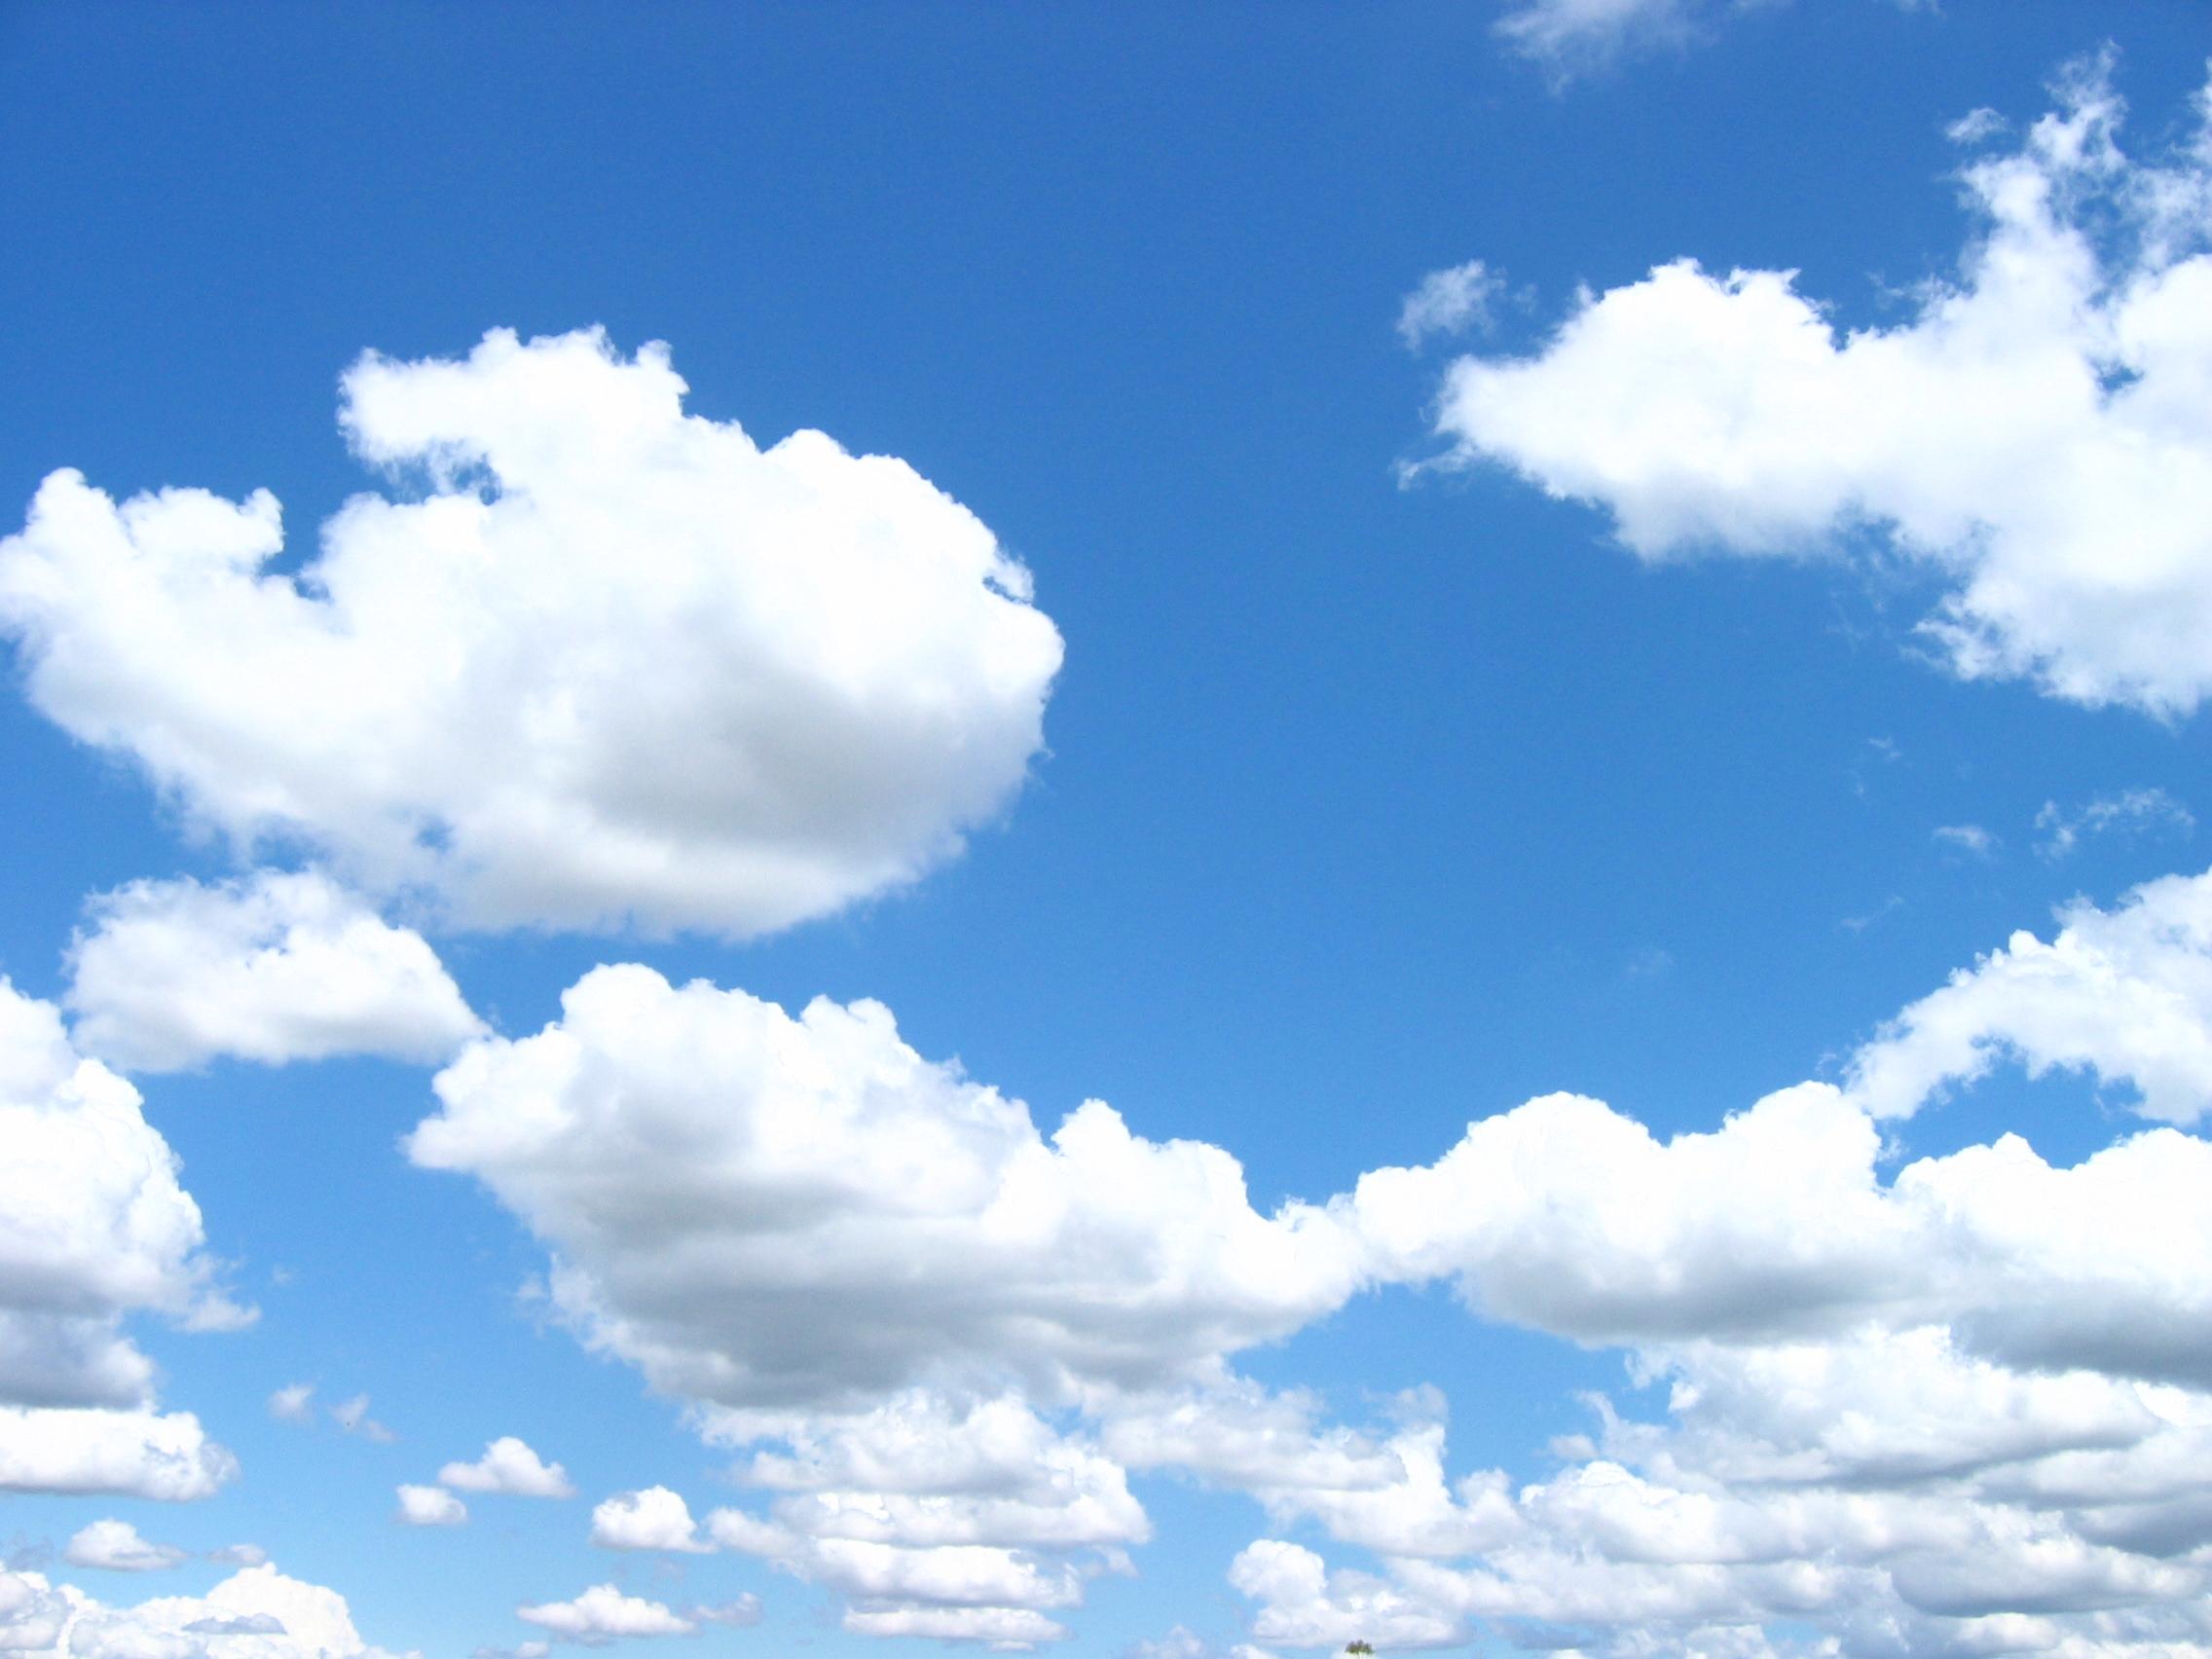 Картинка для презентации воздух